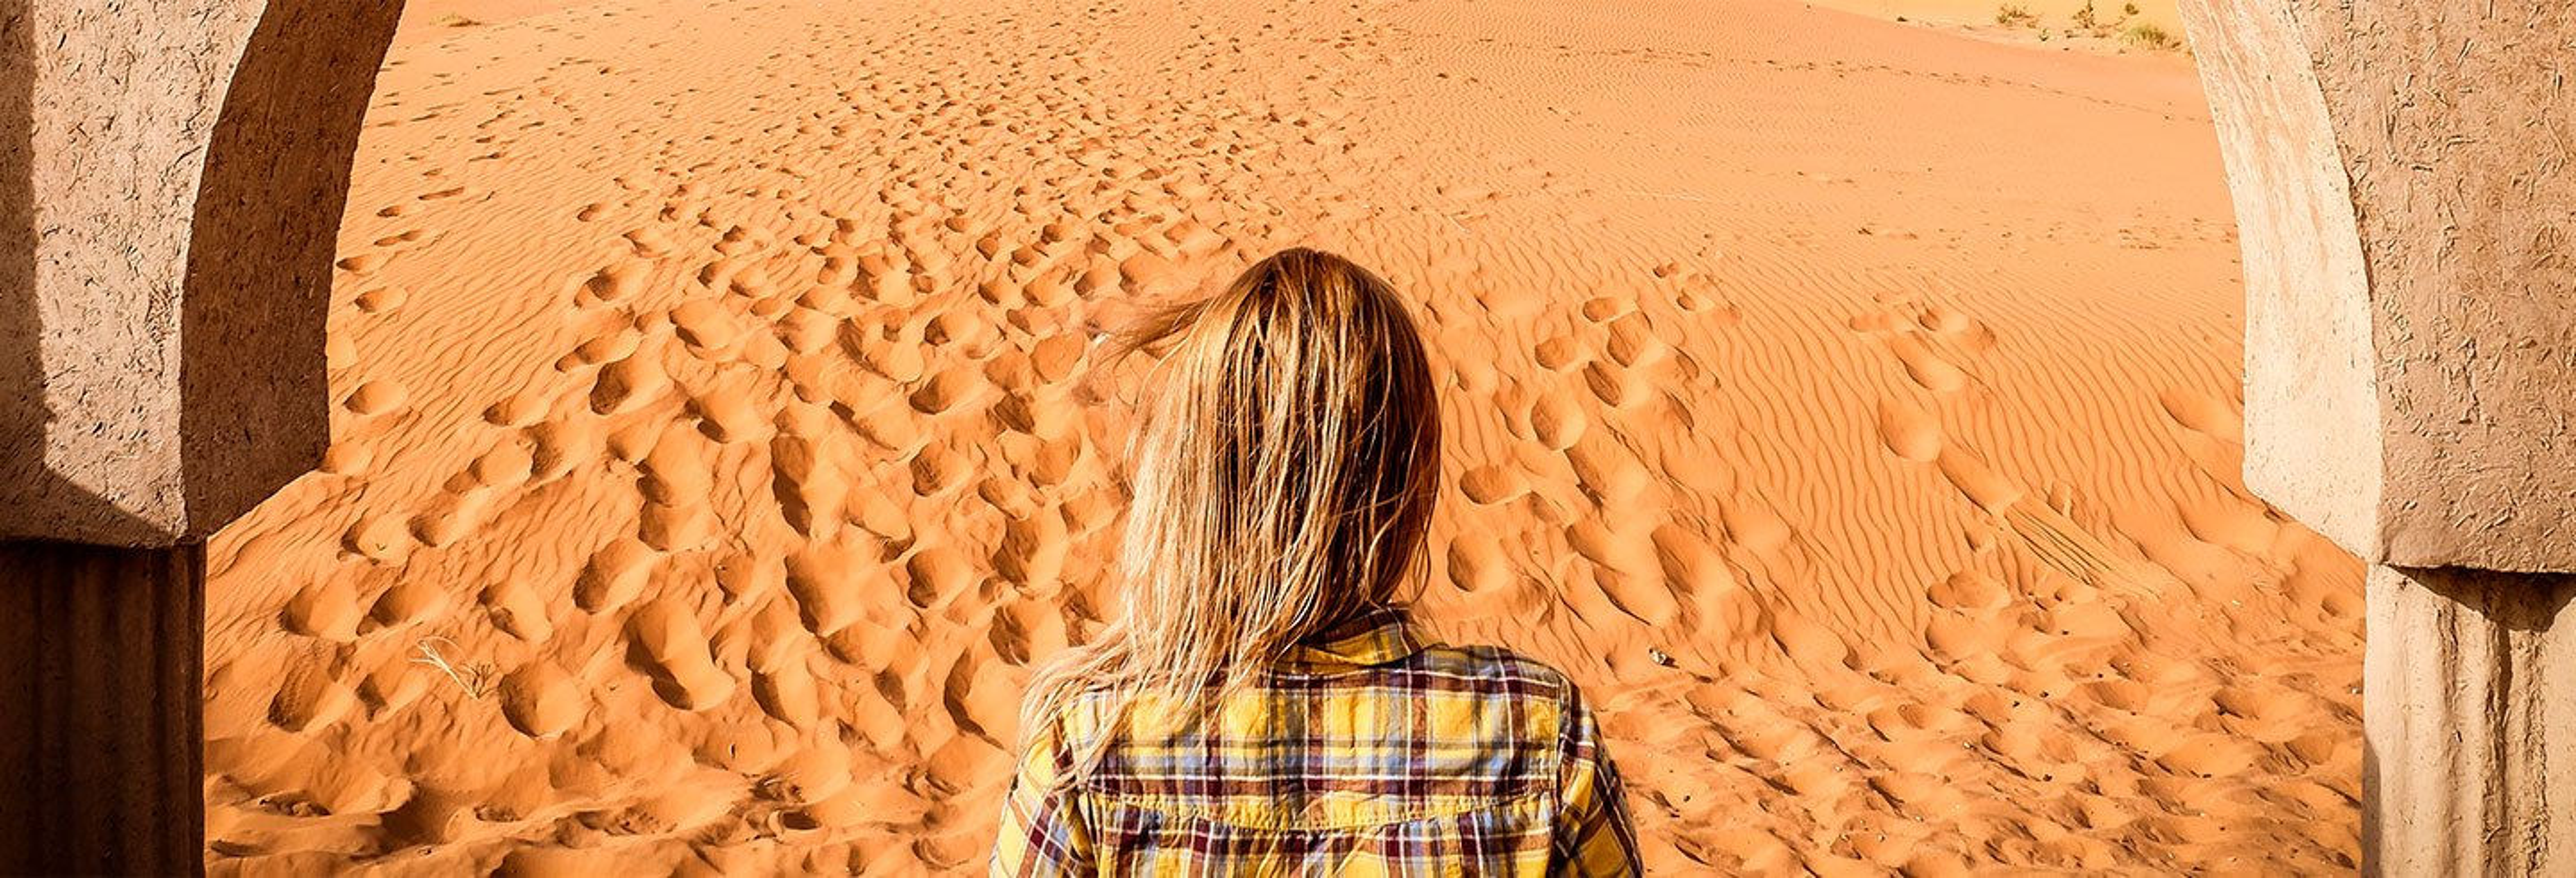 Excursion de 3 jours dans le désert de Merzouga